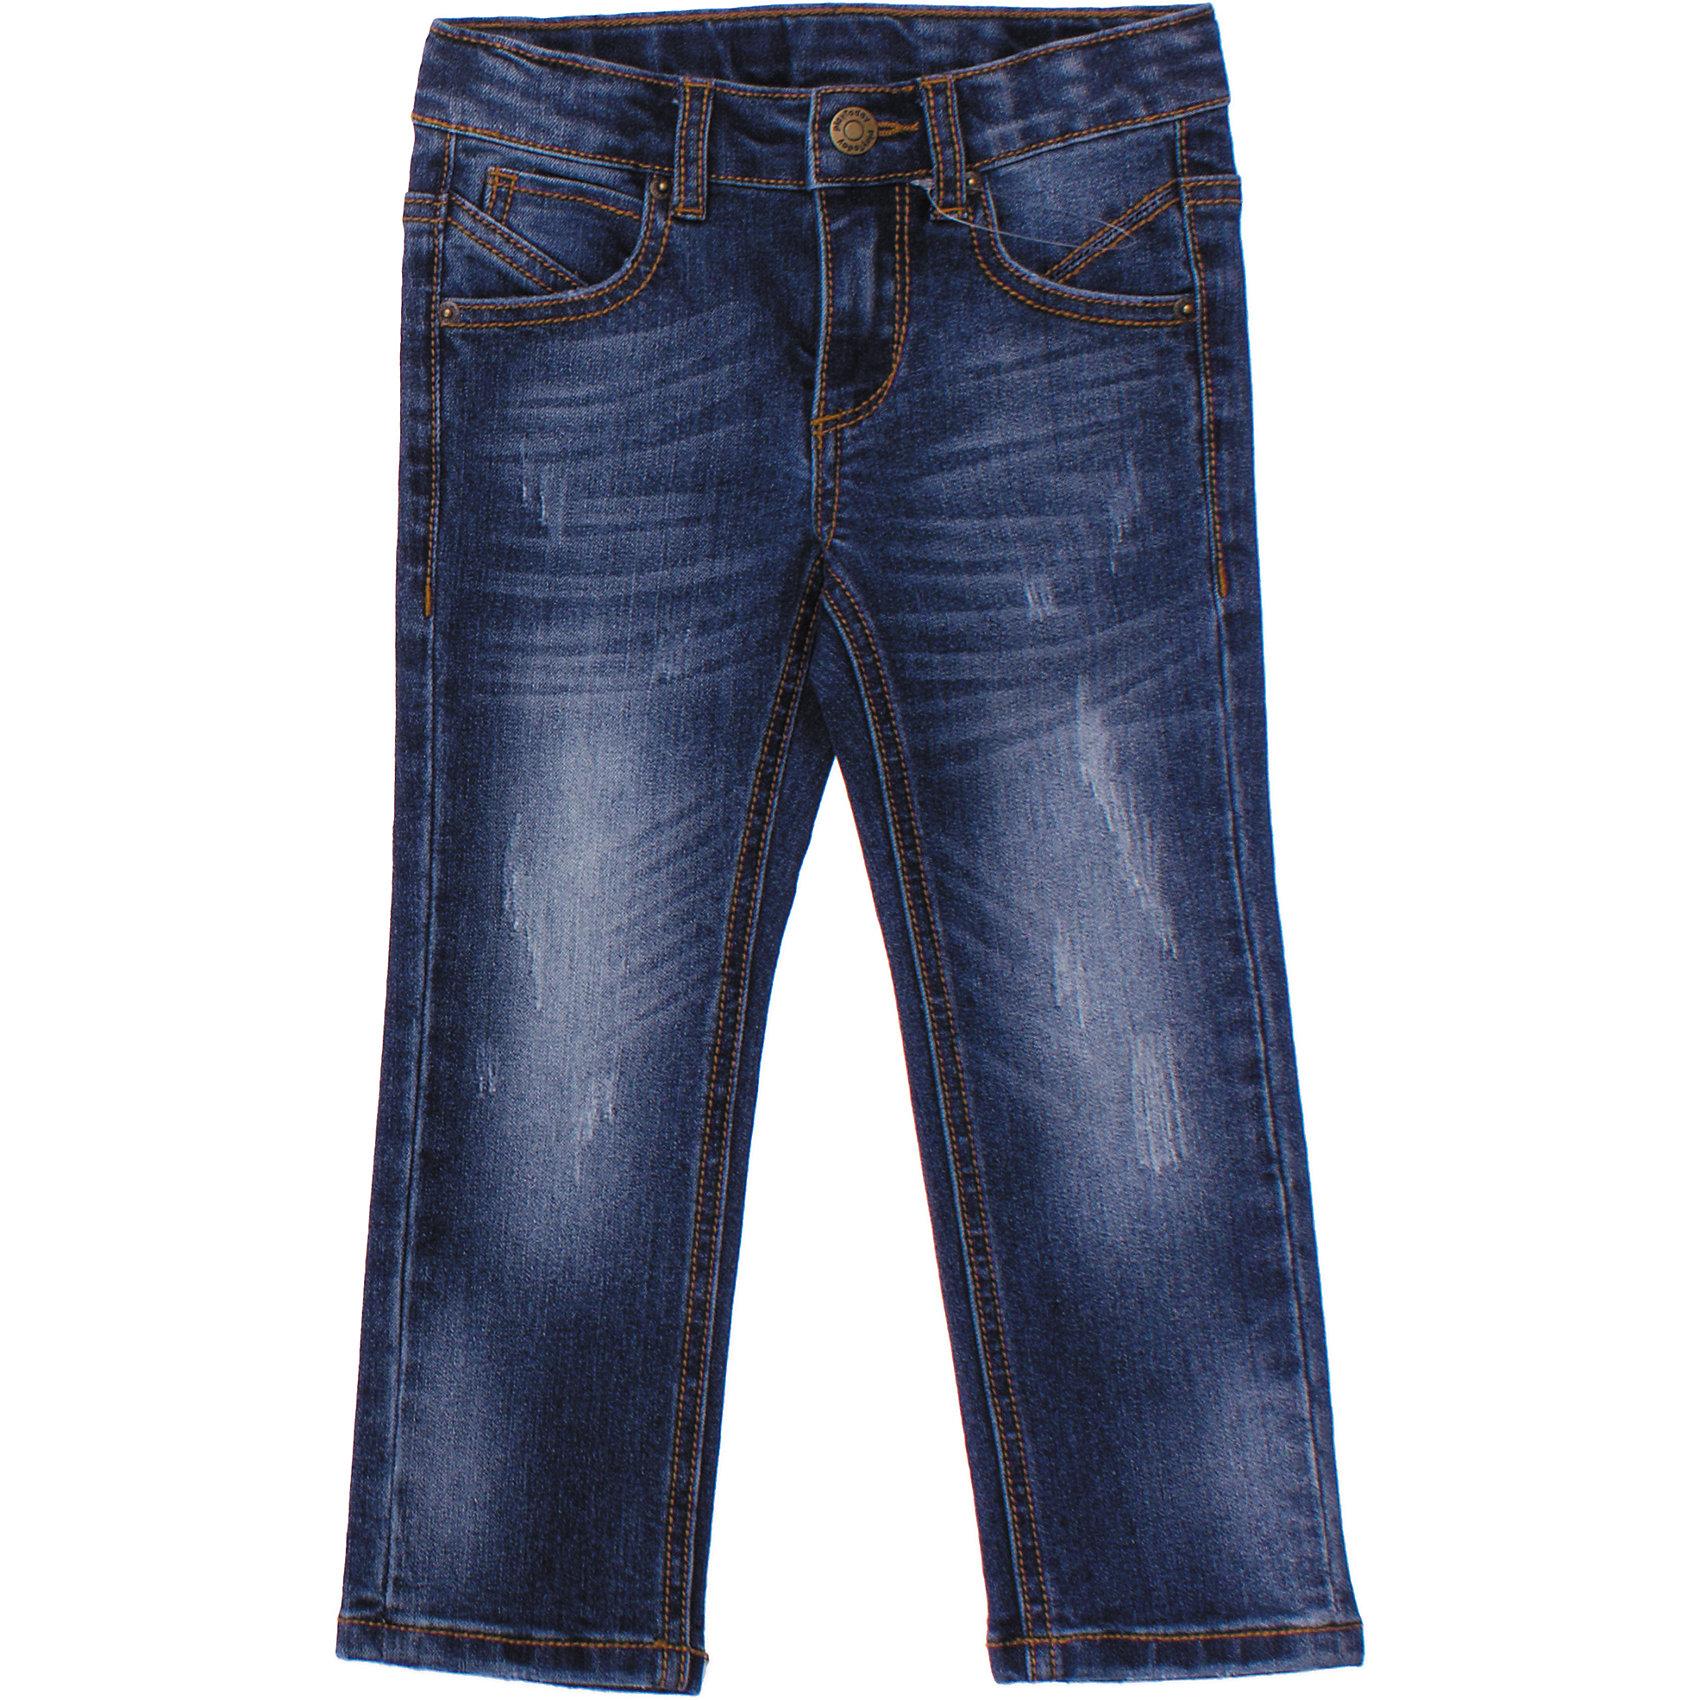 Джинсы для мальчика PlayTodayДжинсы<br>Стильные джинсы с эффектом потертости. Застегиваются на молнию и металлическую кнопку. Есть петельки для ремня. 4 функциональных кармана. Состав: 68% хлопок, 30% полиэстер, 2% эластан<br><br>Ширина мм: 215<br>Глубина мм: 88<br>Высота мм: 191<br>Вес г: 336<br>Цвет: синий<br>Возраст от месяцев: 48<br>Возраст до месяцев: 60<br>Пол: Мужской<br>Возраст: Детский<br>Размер: 110,98,128,122,116,104<br>SKU: 4652428